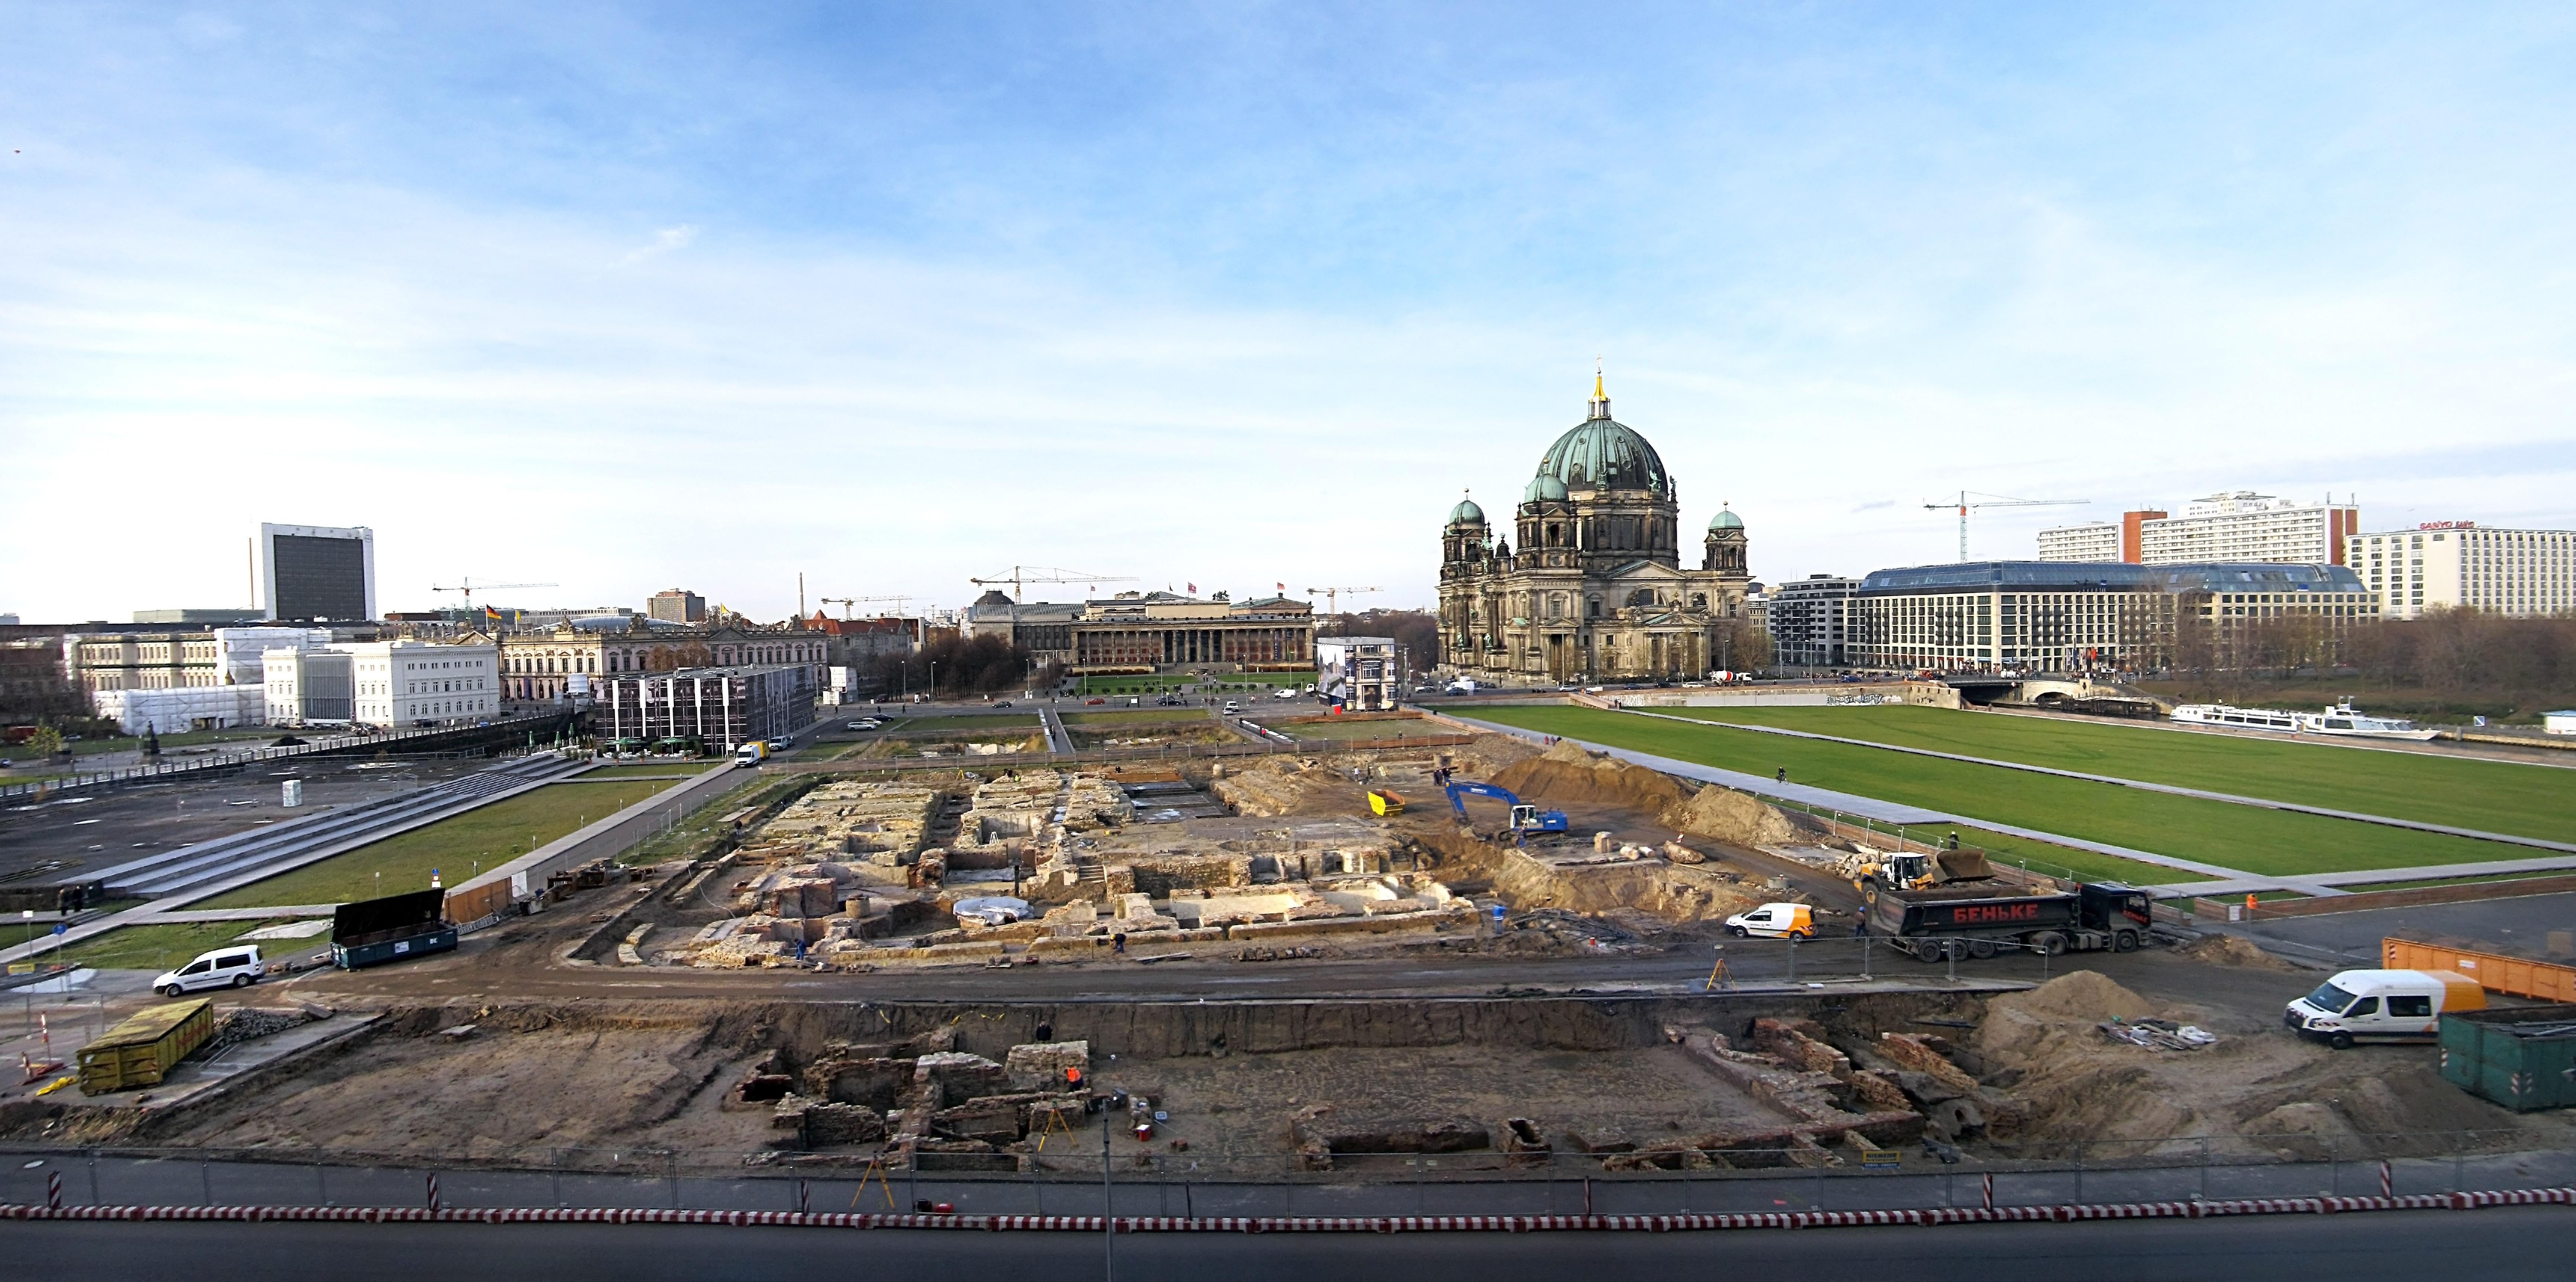 File:Schlossplatz in Berlin.jpg